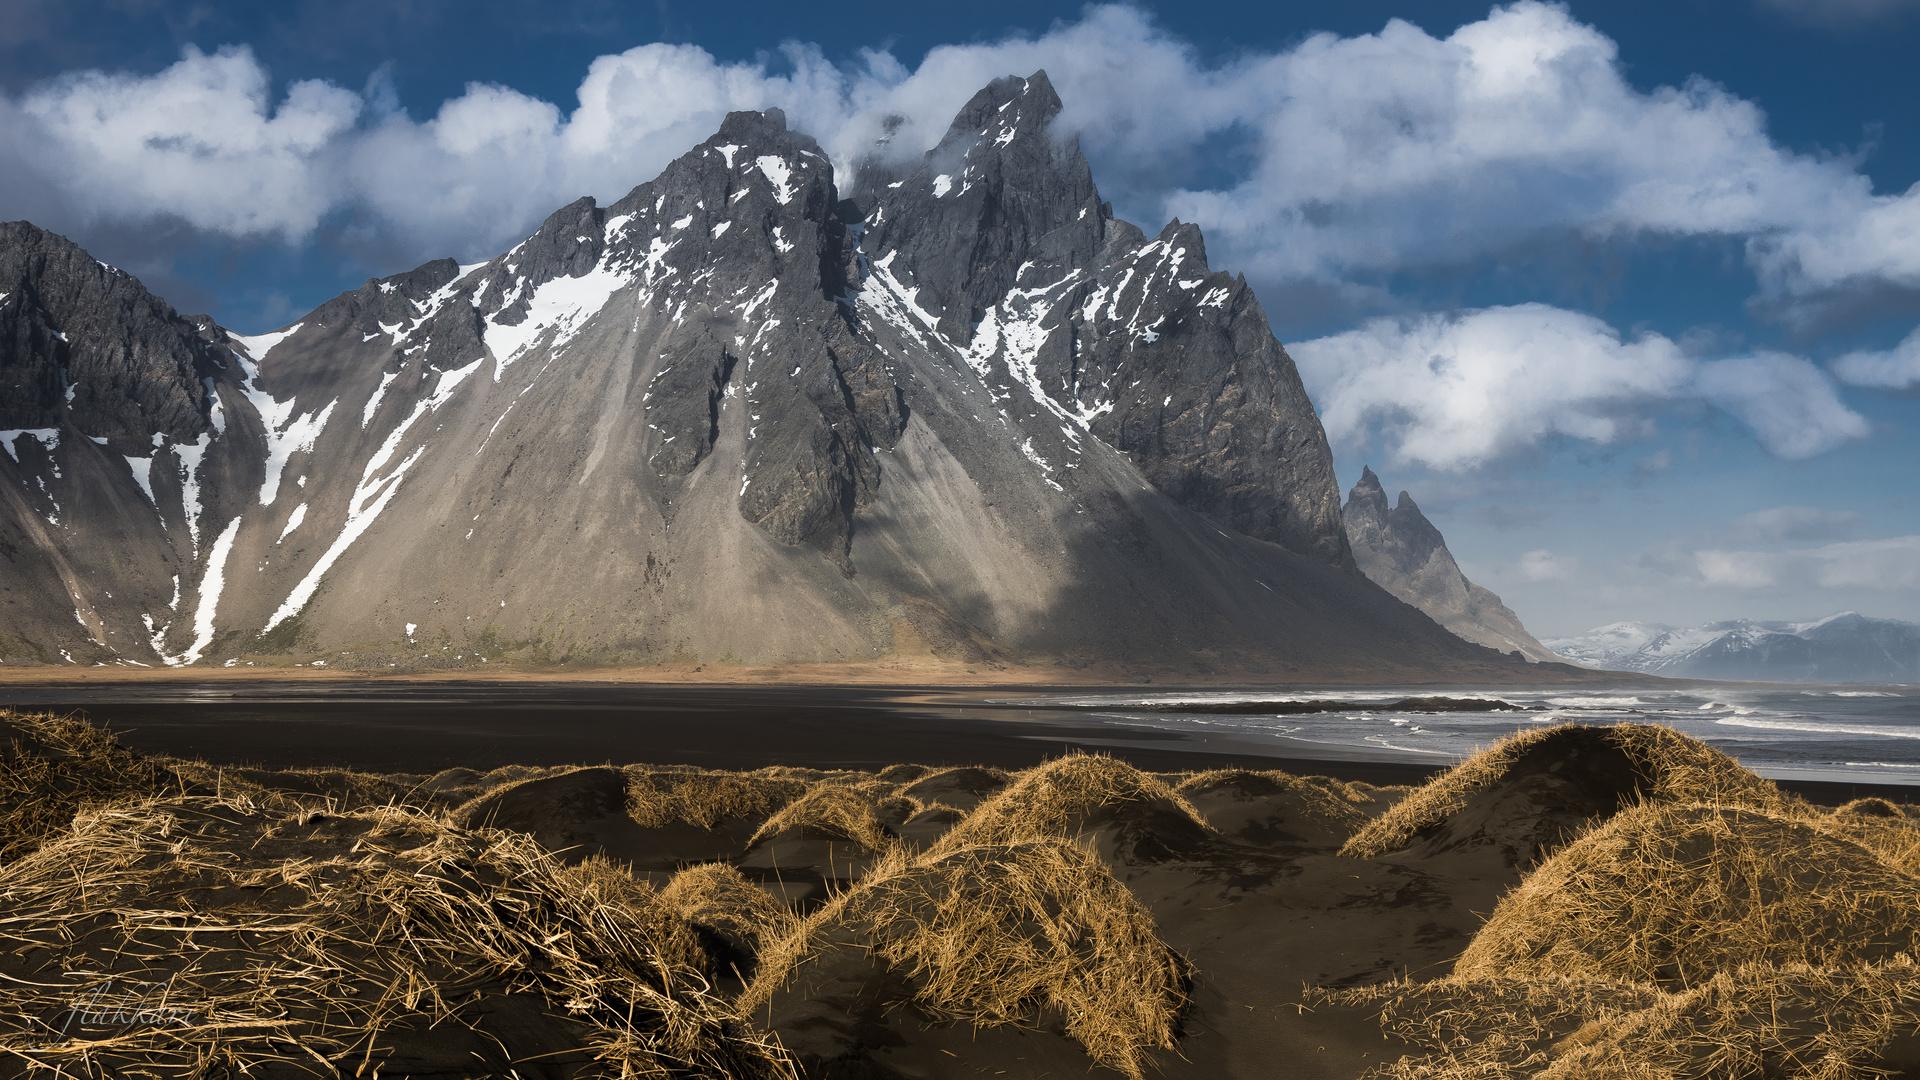 Steiler Zahn steiler zahn foto bild ísland island iceland bilder auf